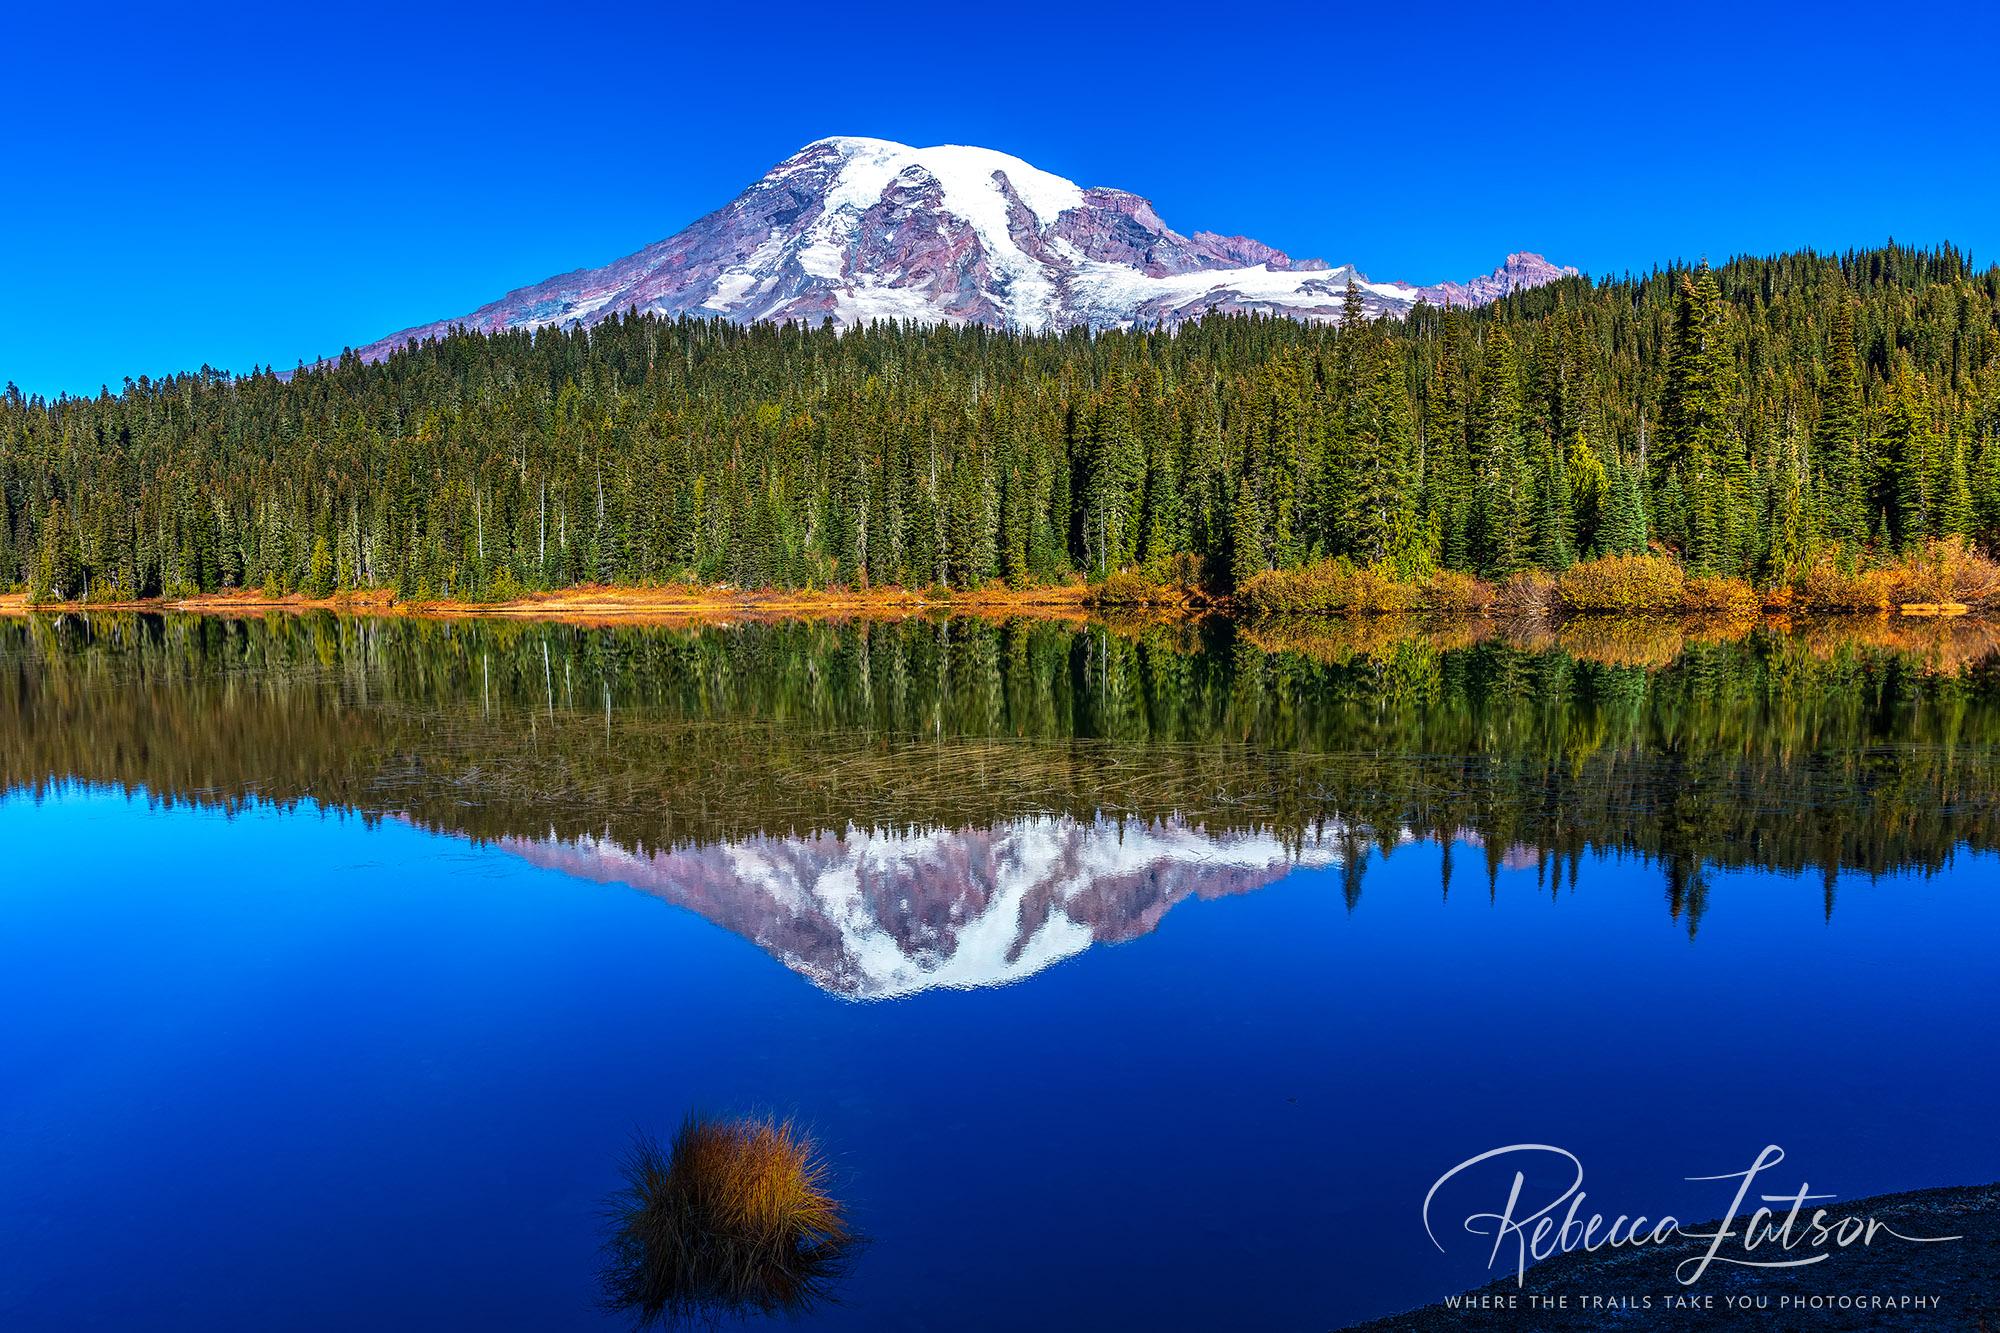 Reflection Lake Scenery